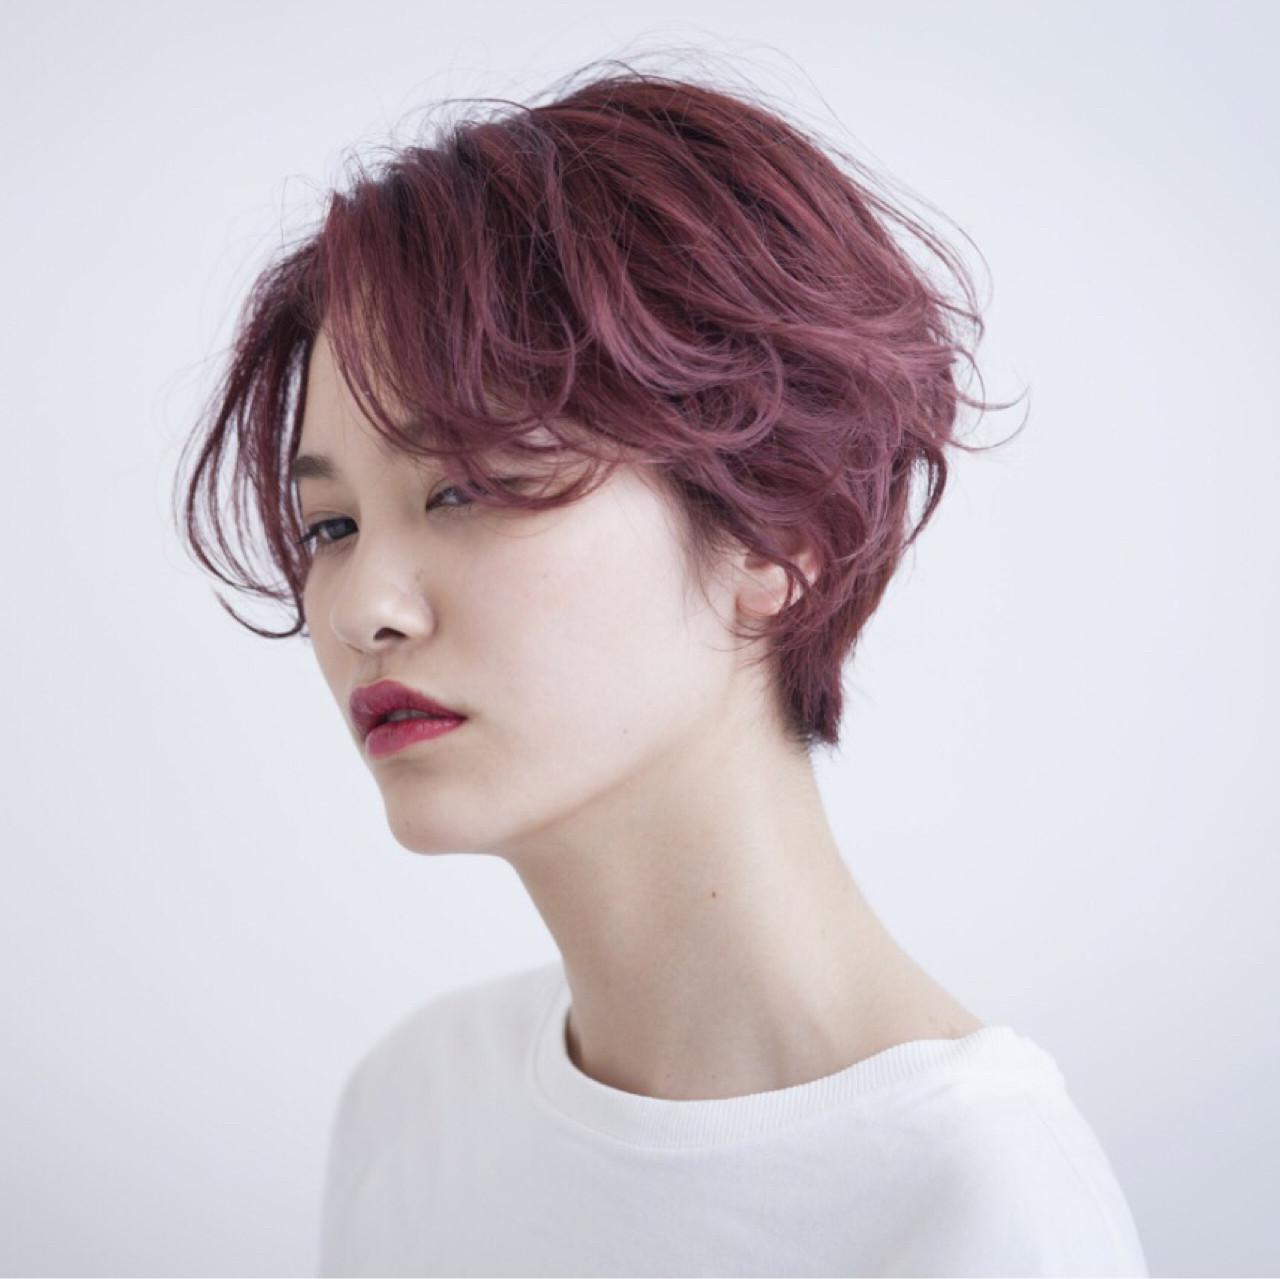 大人女子向け「ピンクブラウン髪カタログ」♡ヘアカラーの明るさで